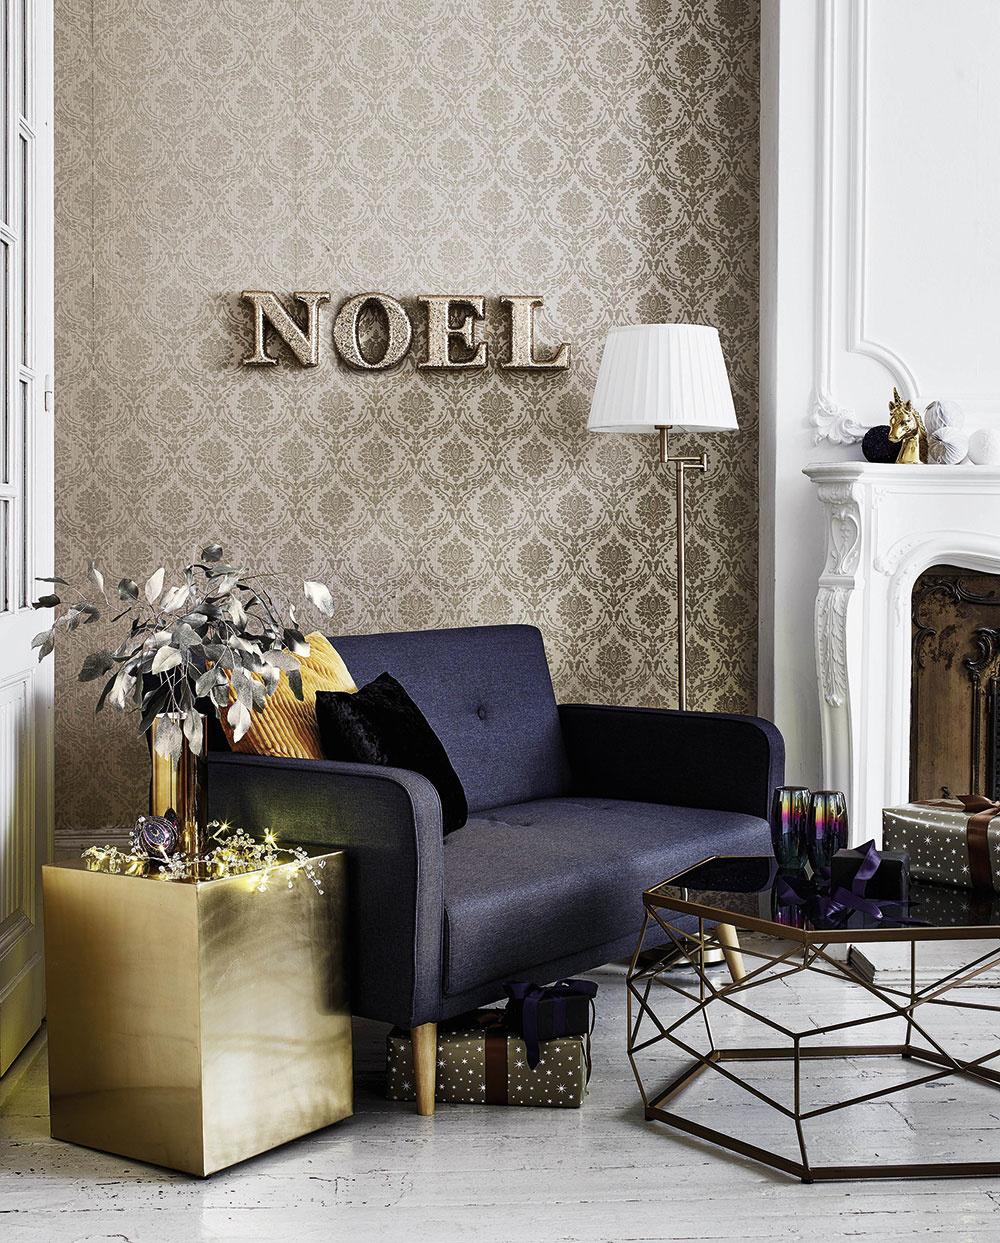 Metalické tapety s ornamentálnym vzorom sú tie pravé do glamour obývačky – zútulnia i nahradia obrazy alebo iné nástenné dekorácie. Postačí, keď tapeta bude dominovať na jednej stene v miestnosti.